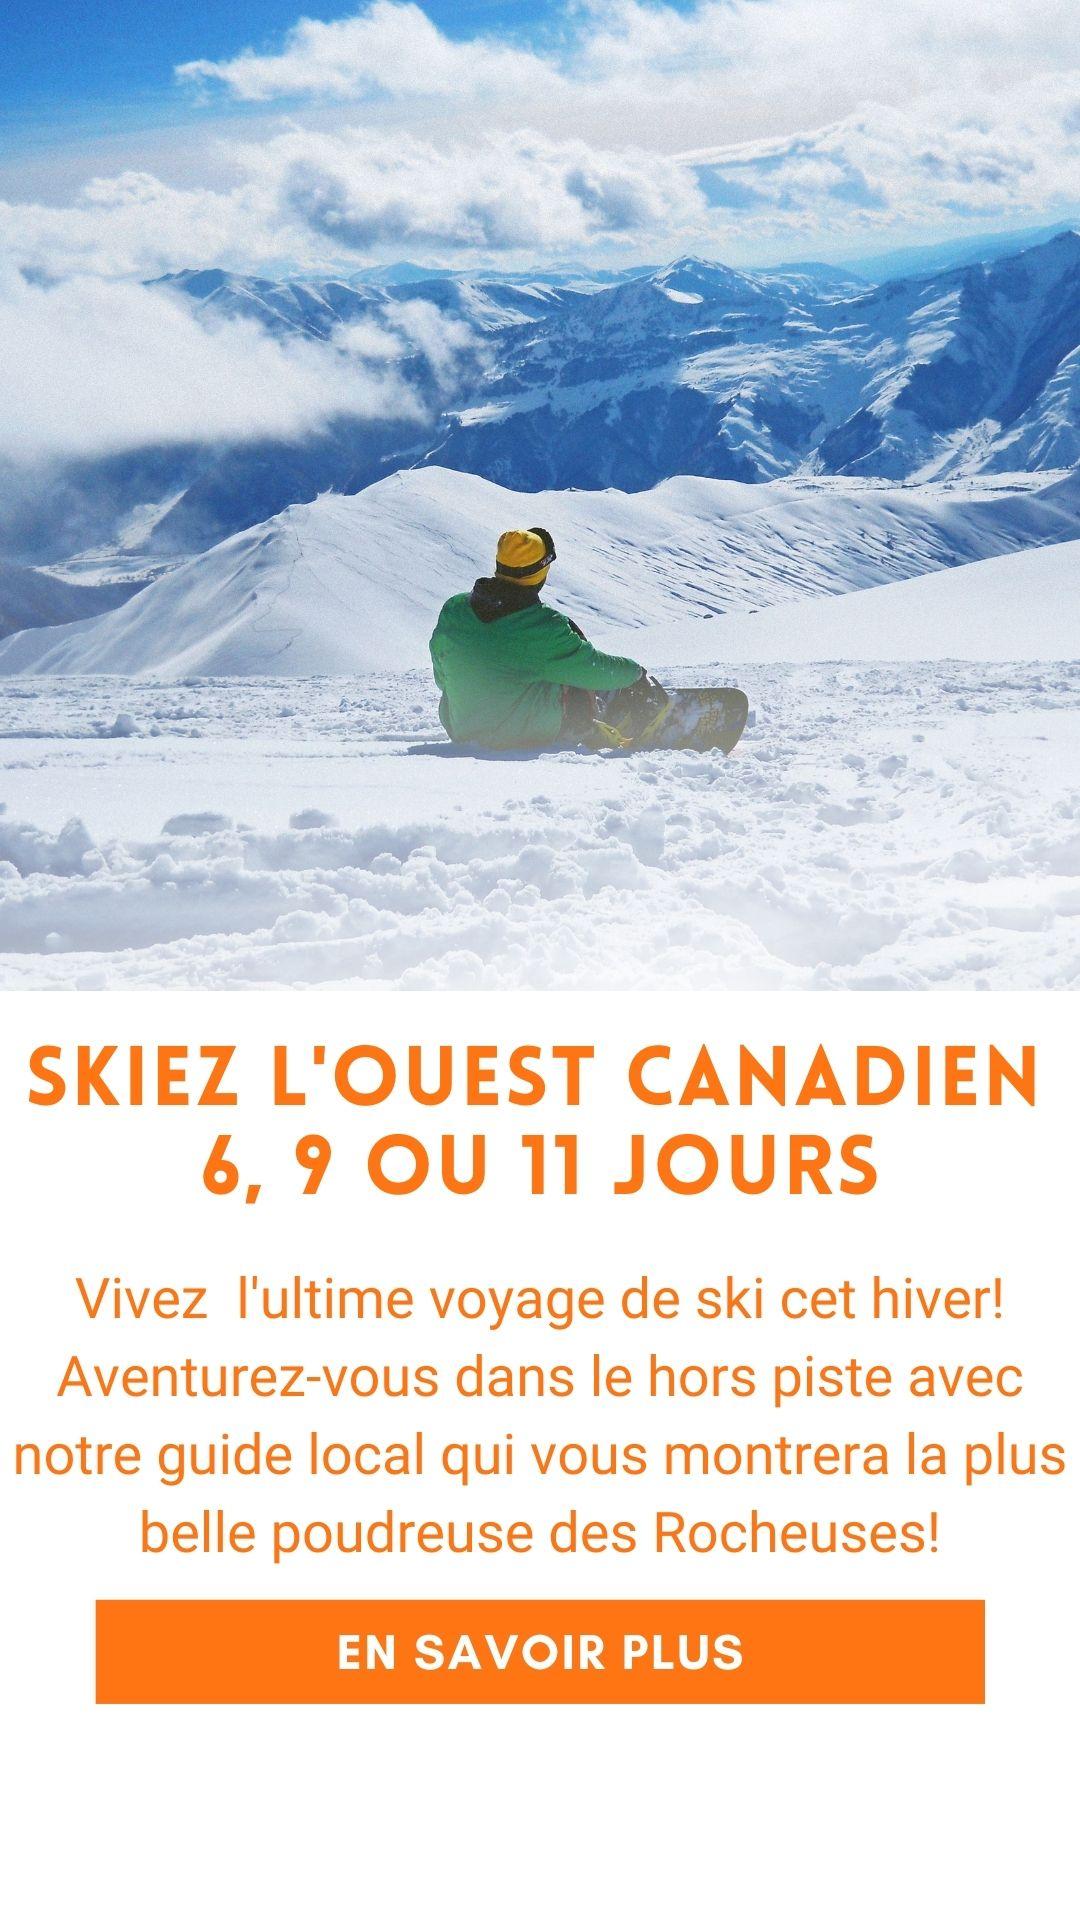 Voyage de ski organisé dans l'Ouest canadien